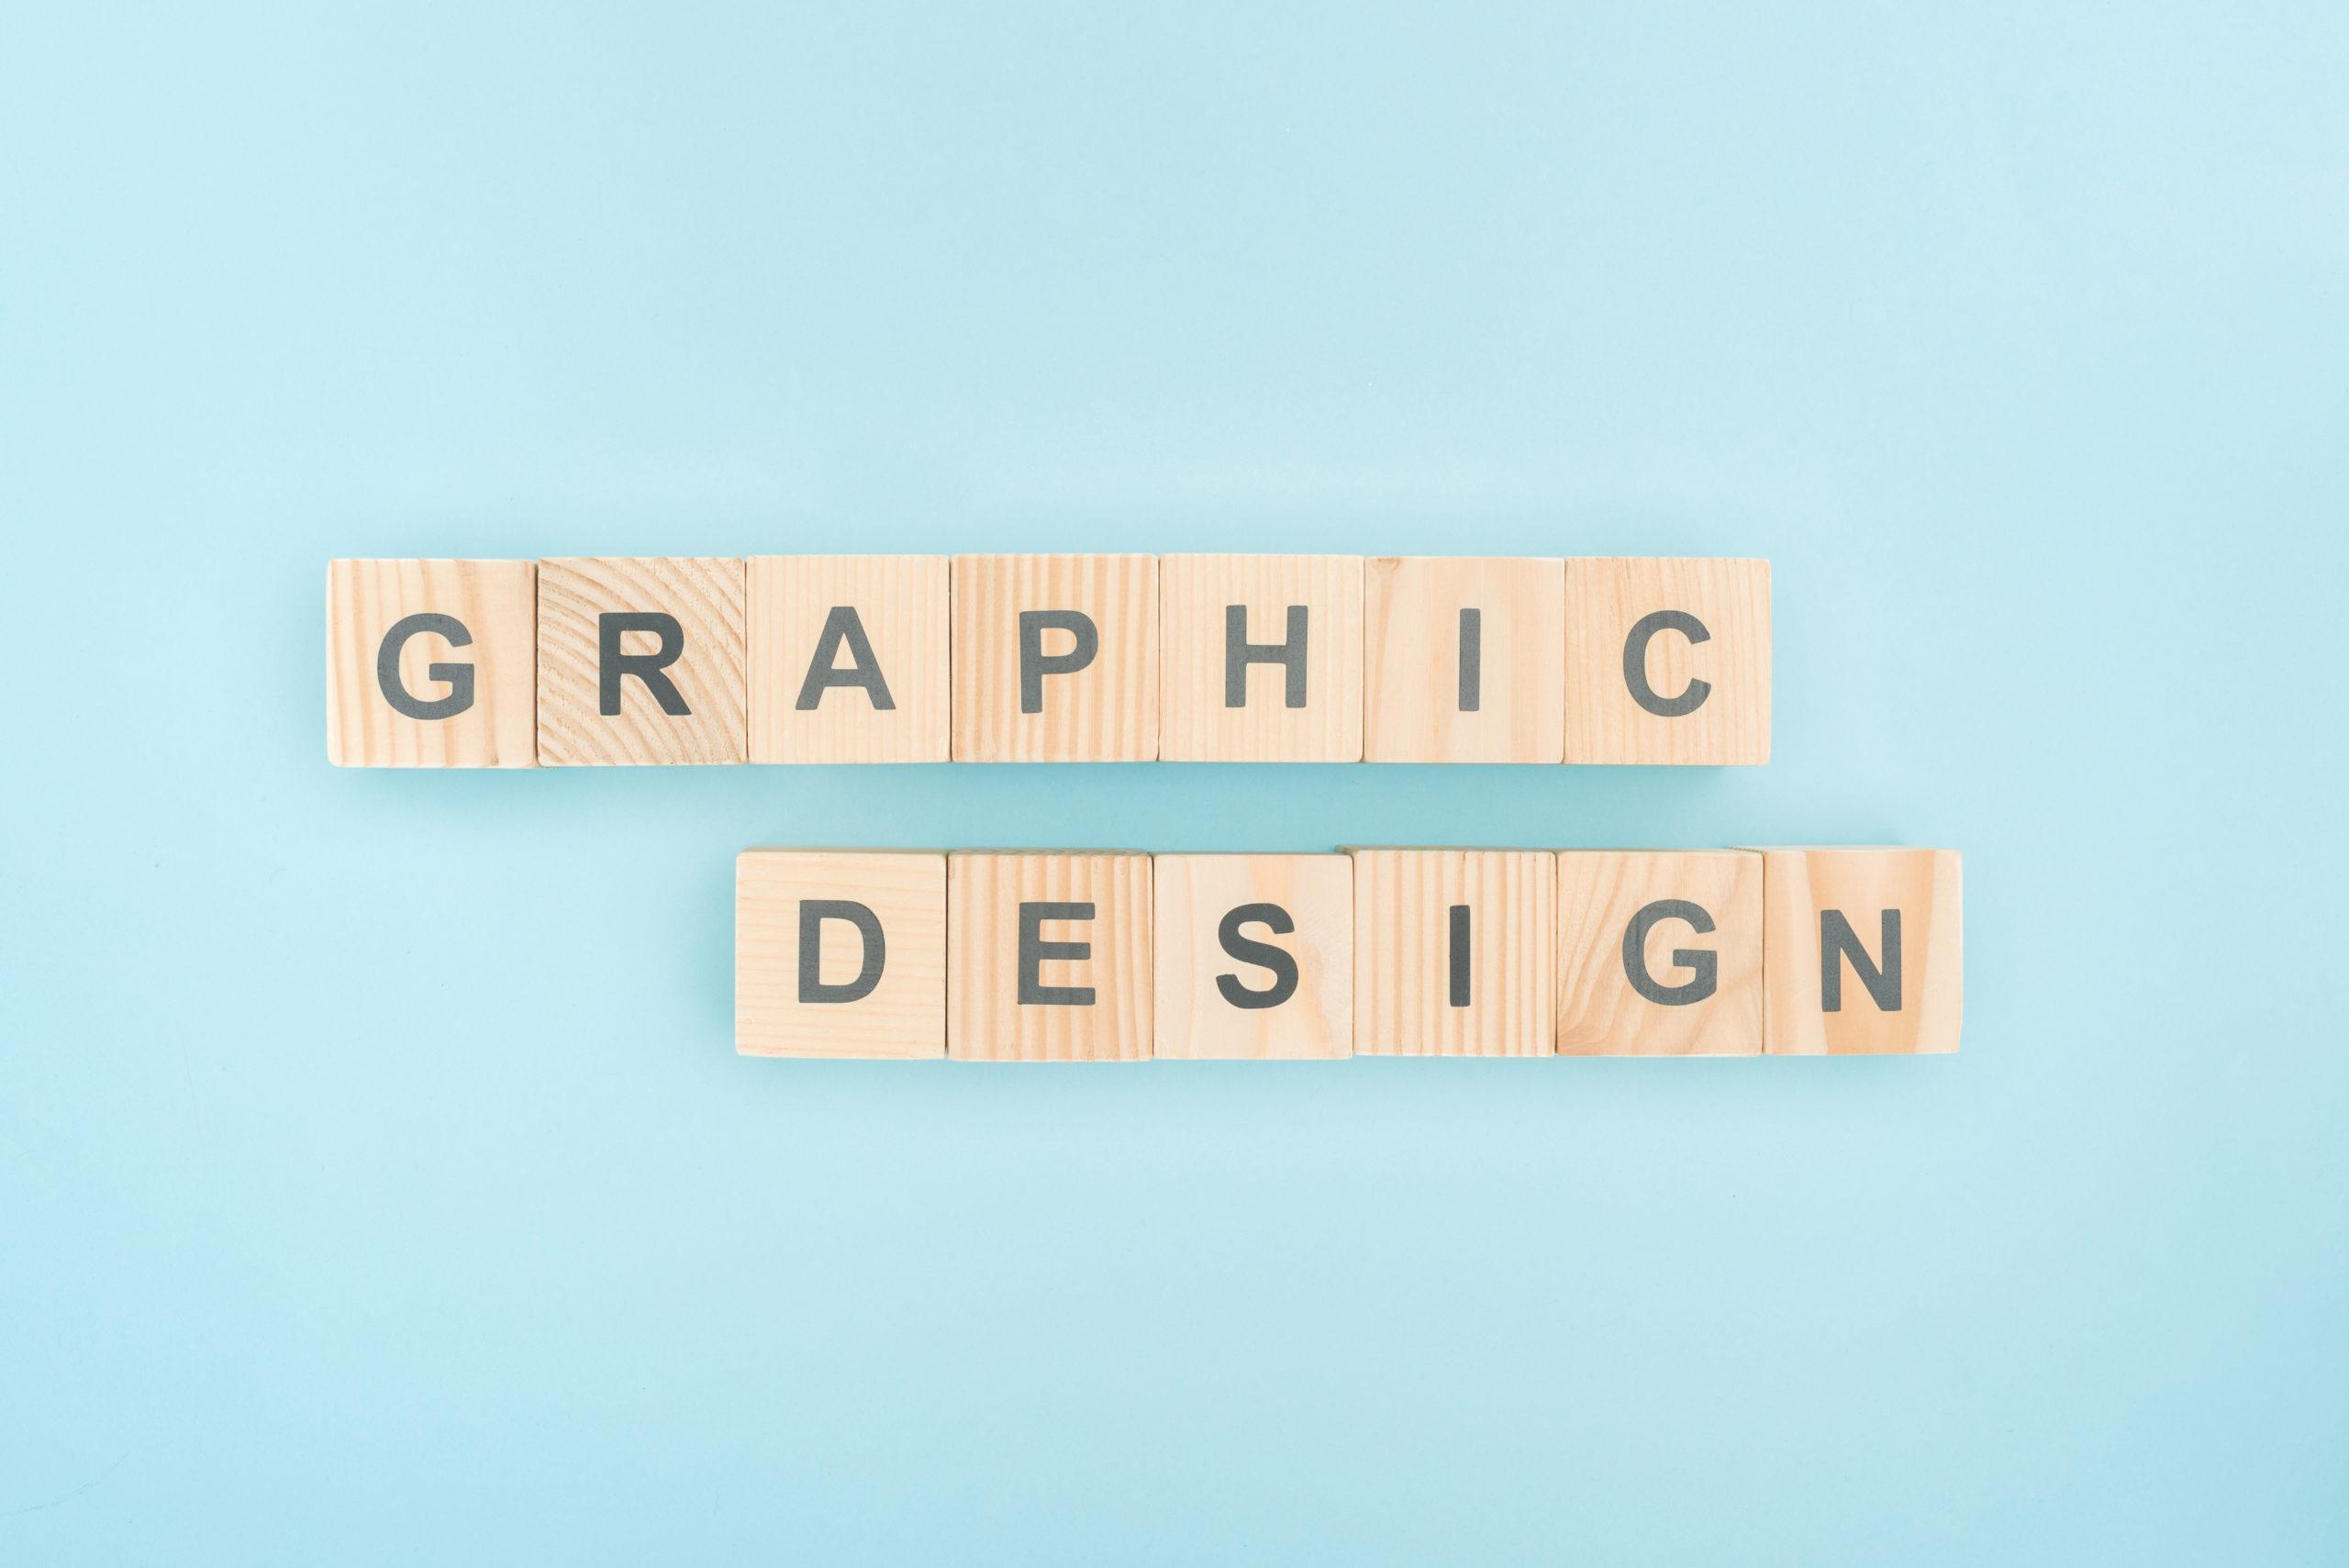 diseño gráfico en inglés